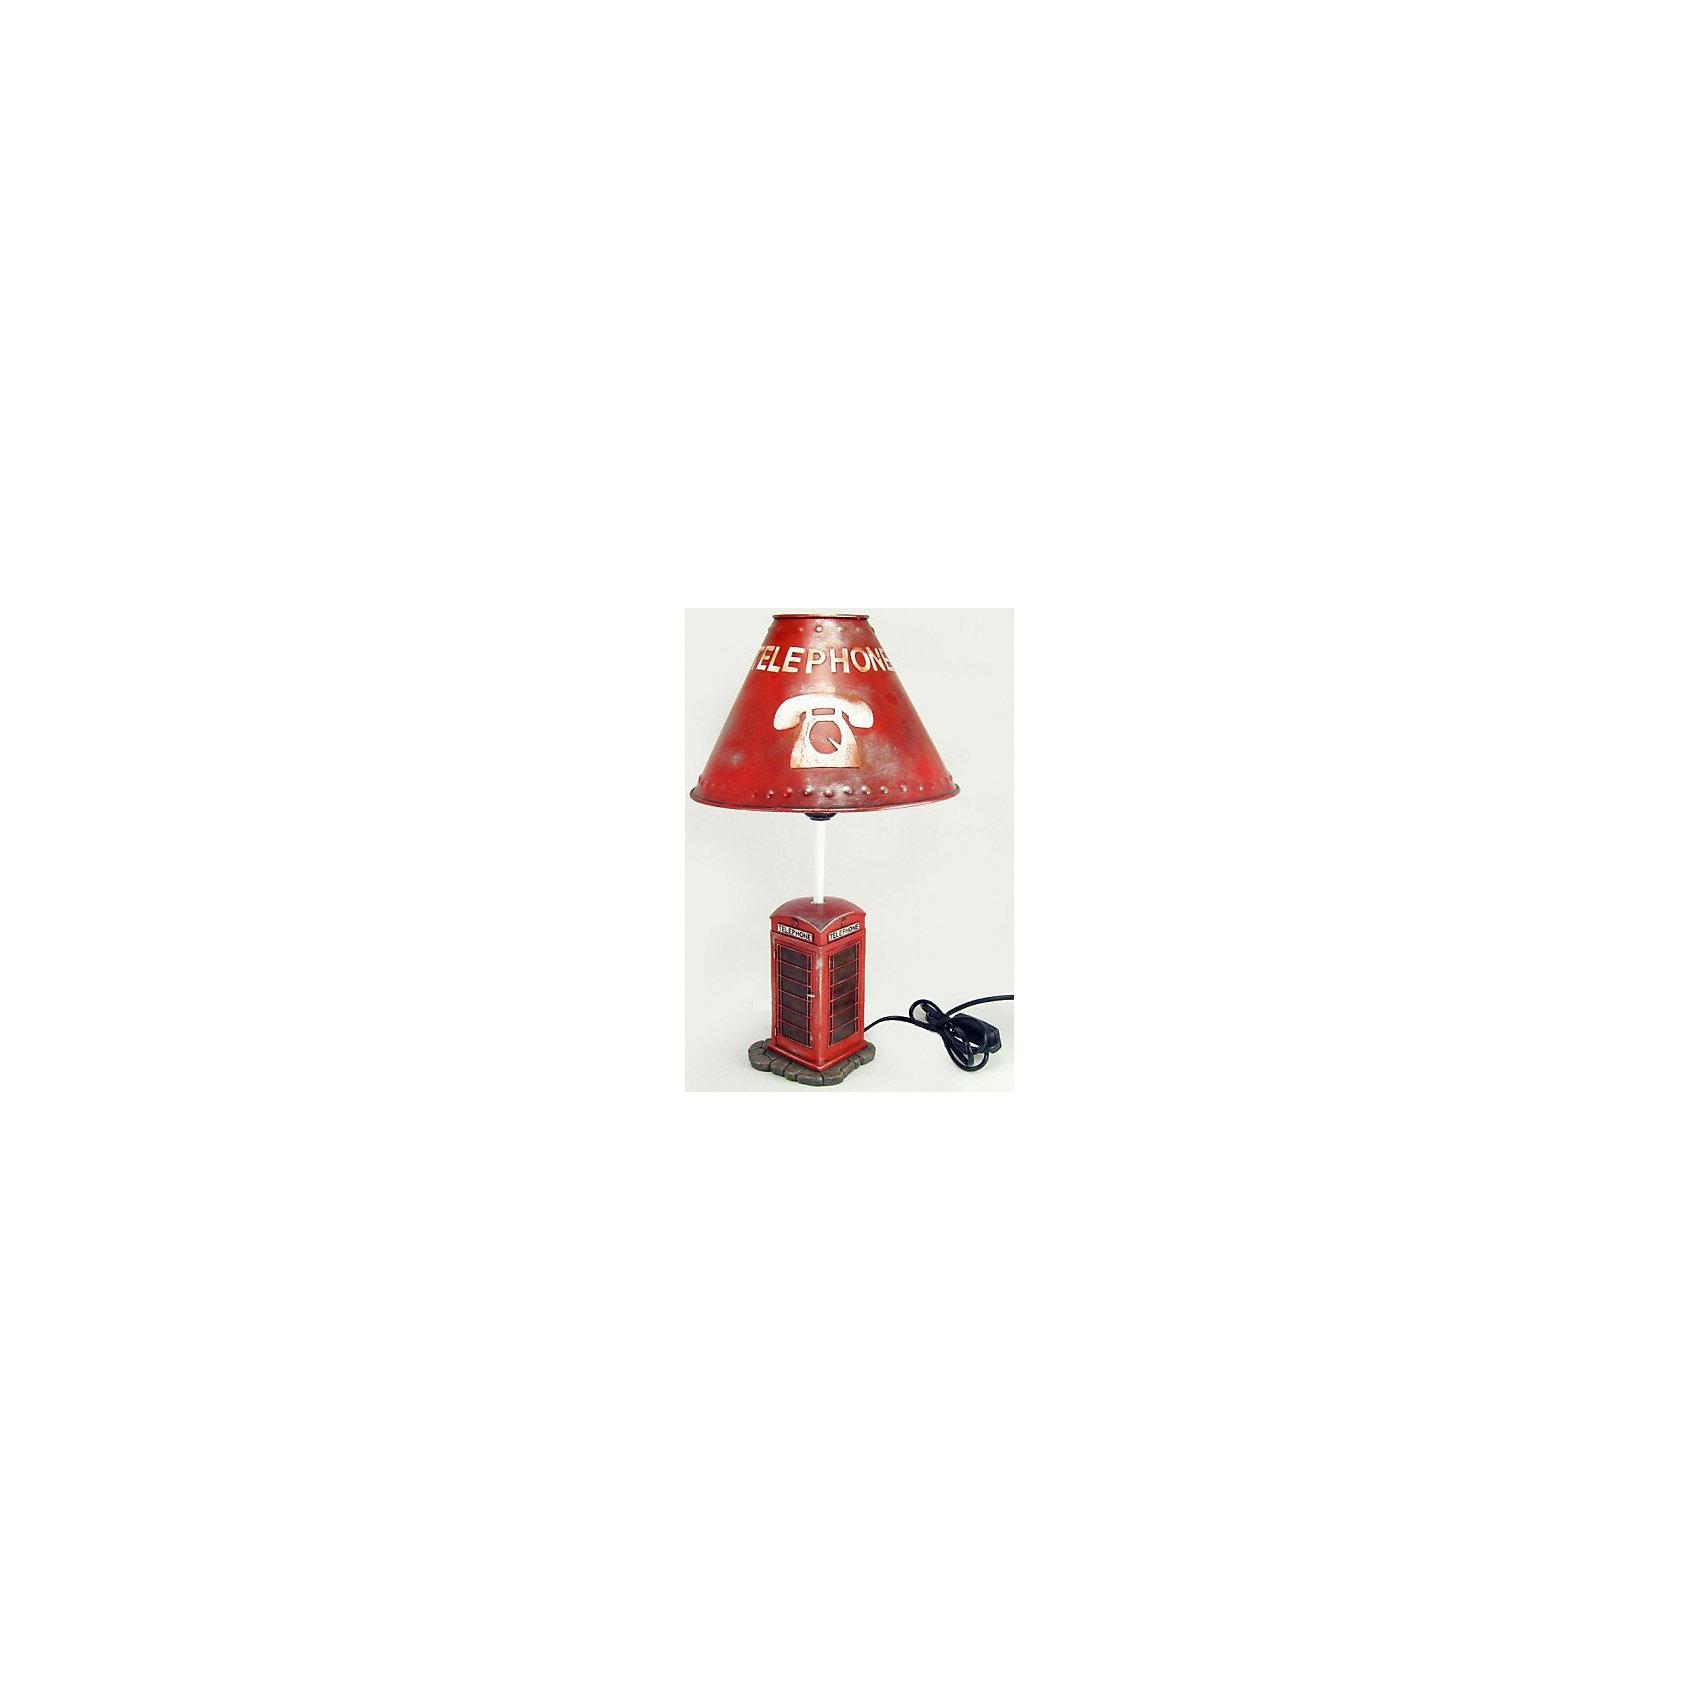 Настольный светильник «Английская телефонная будка» 25*25*31,5 см